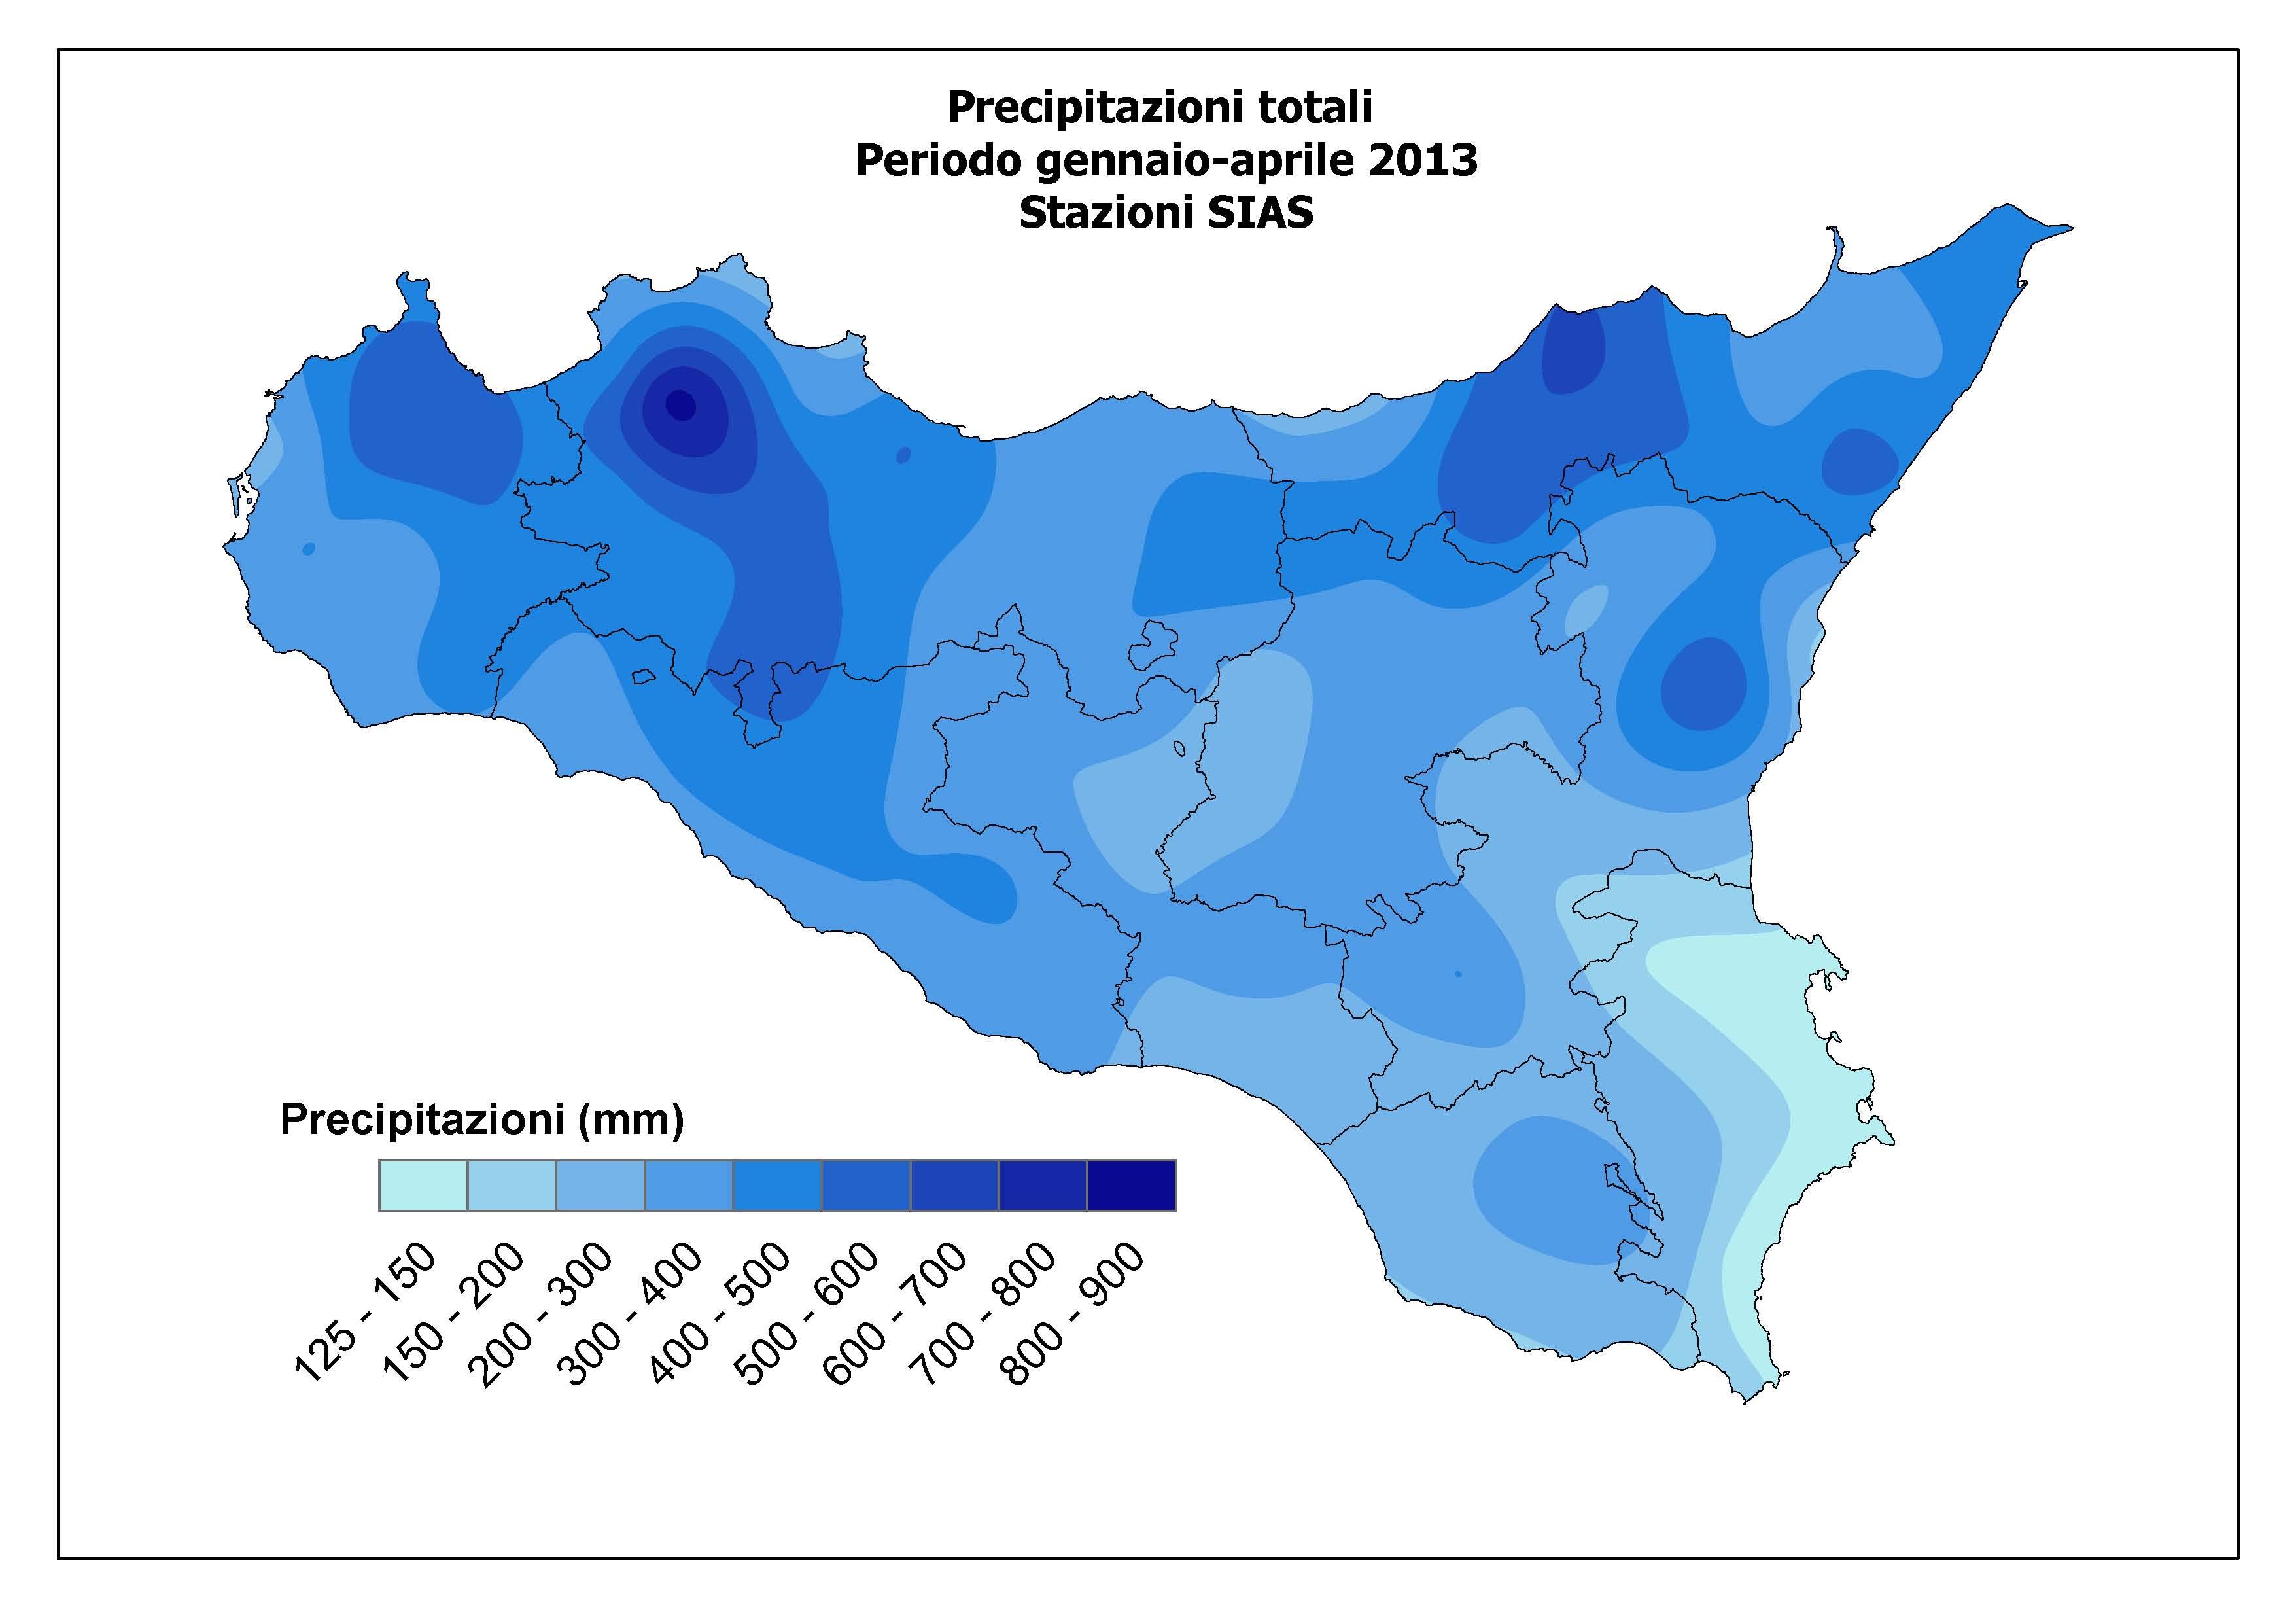 Cartina Sicilia Tematica.La Grande Siccita In Atto Nella Sicilia Orientale Mappe E Dati Meteoweb